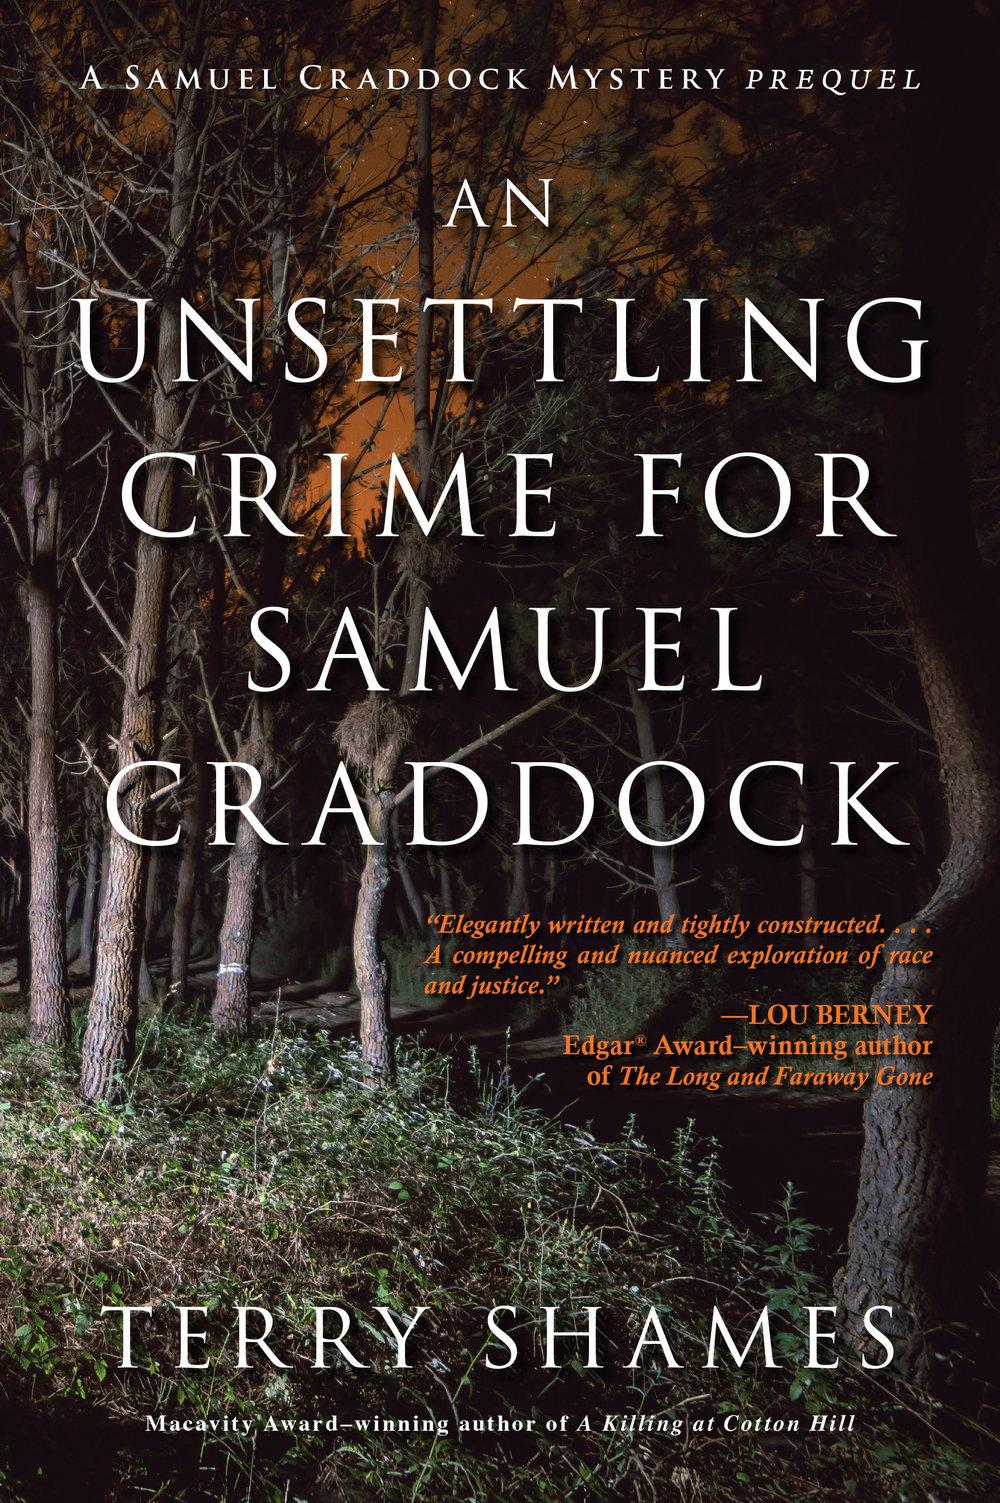 Unsettling Crime_cover.jpg